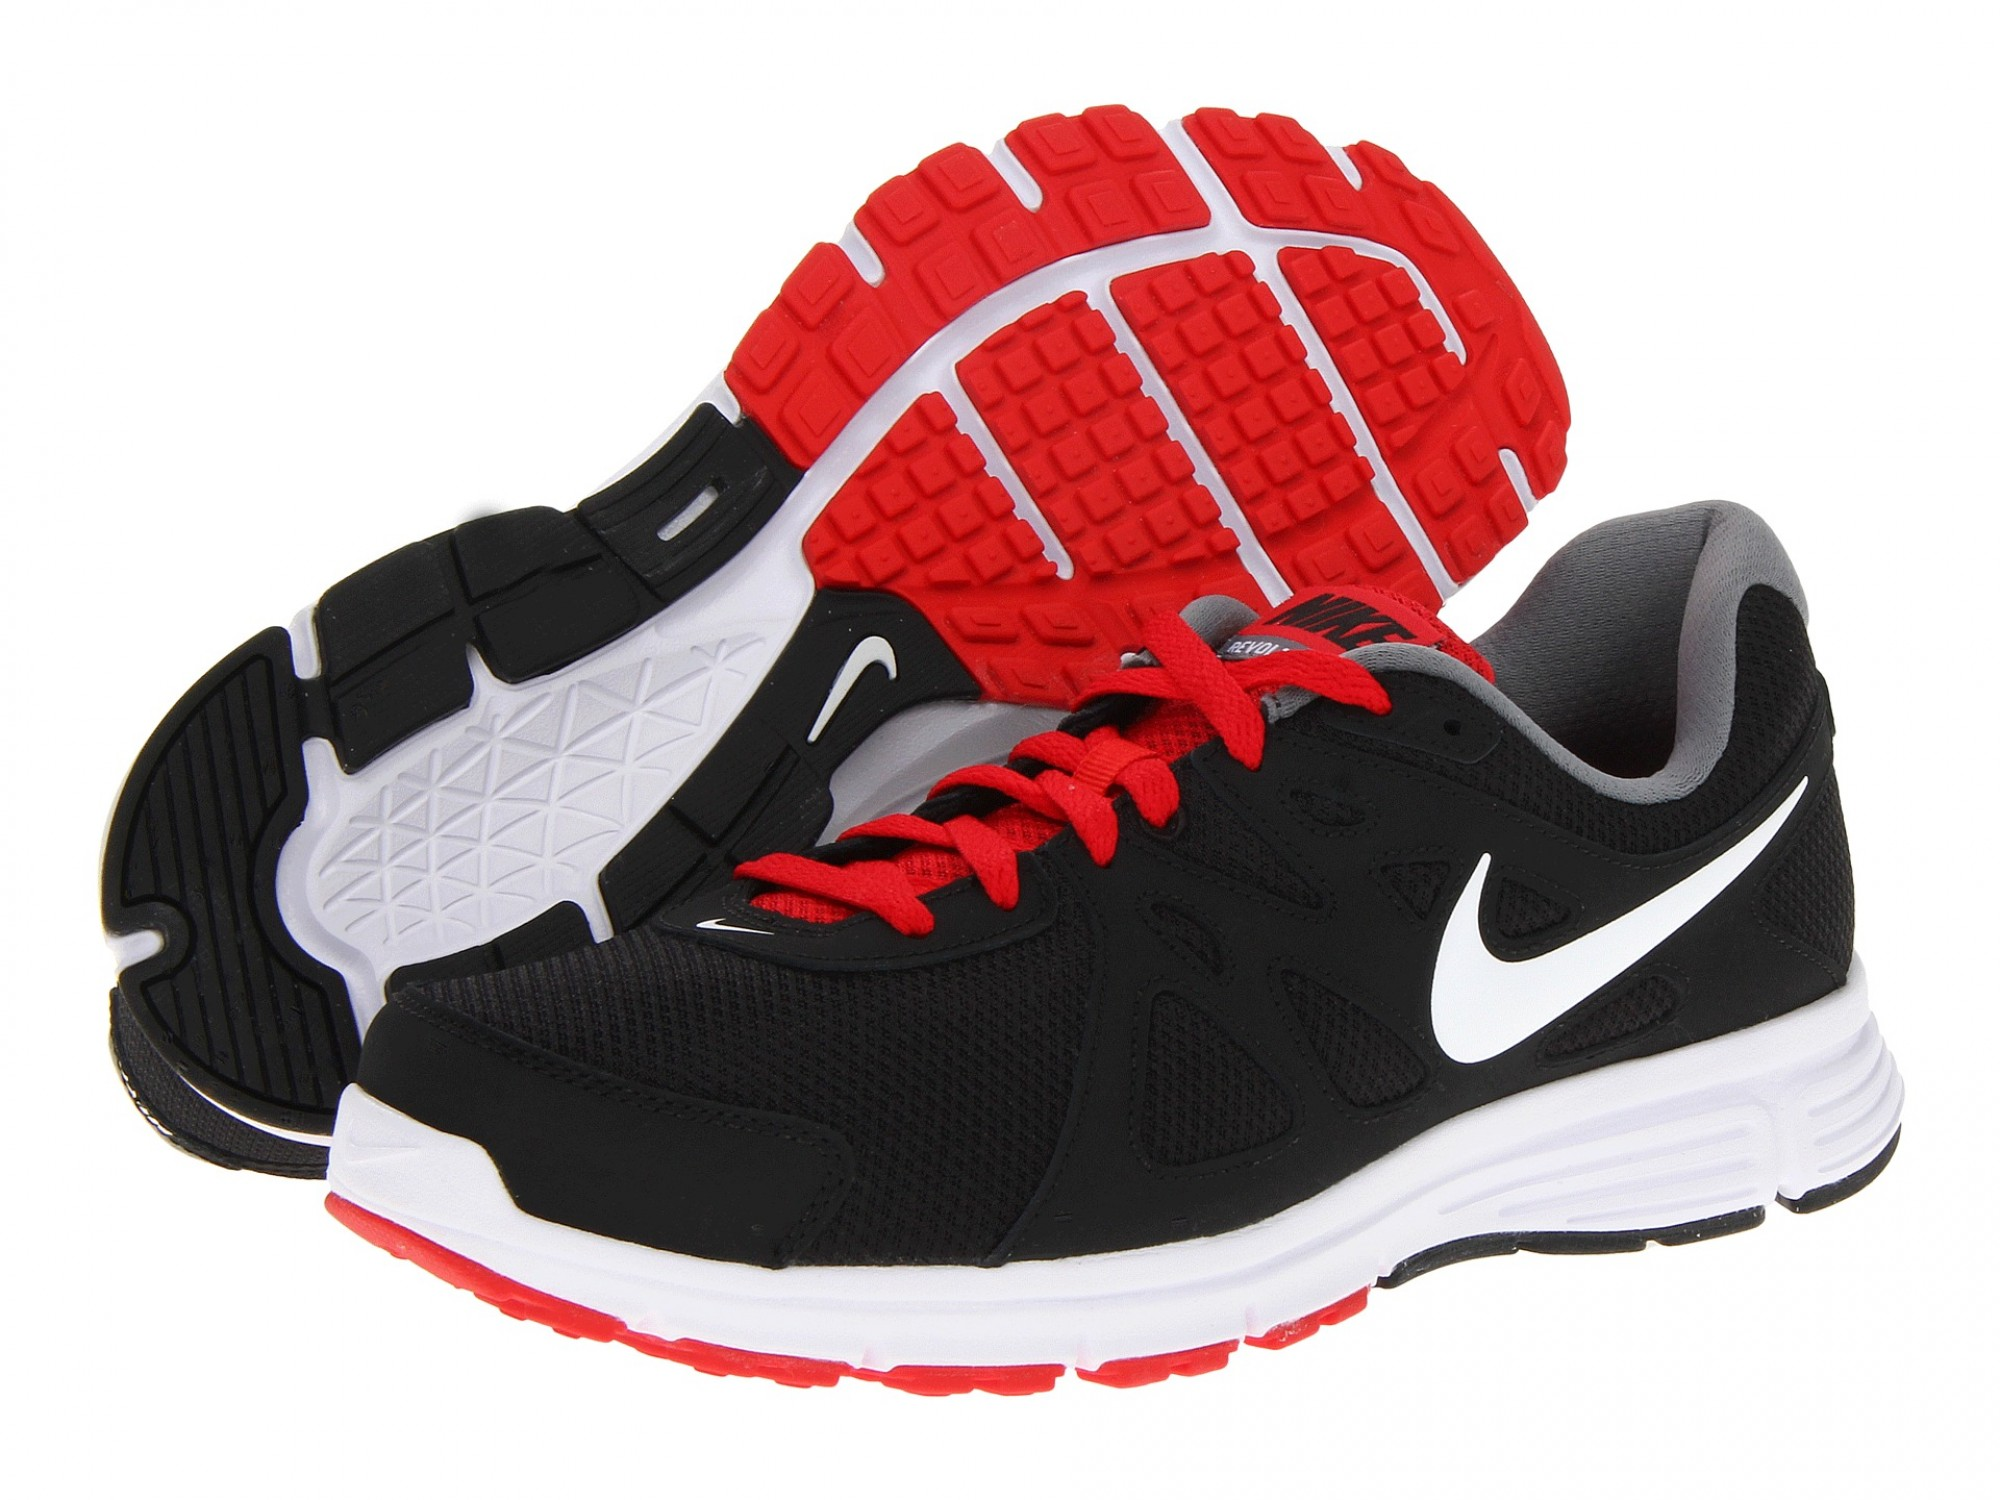 e085c5fa Nike Revolution 2 Беговые кроссовки 554953-016 купить в Украине ...